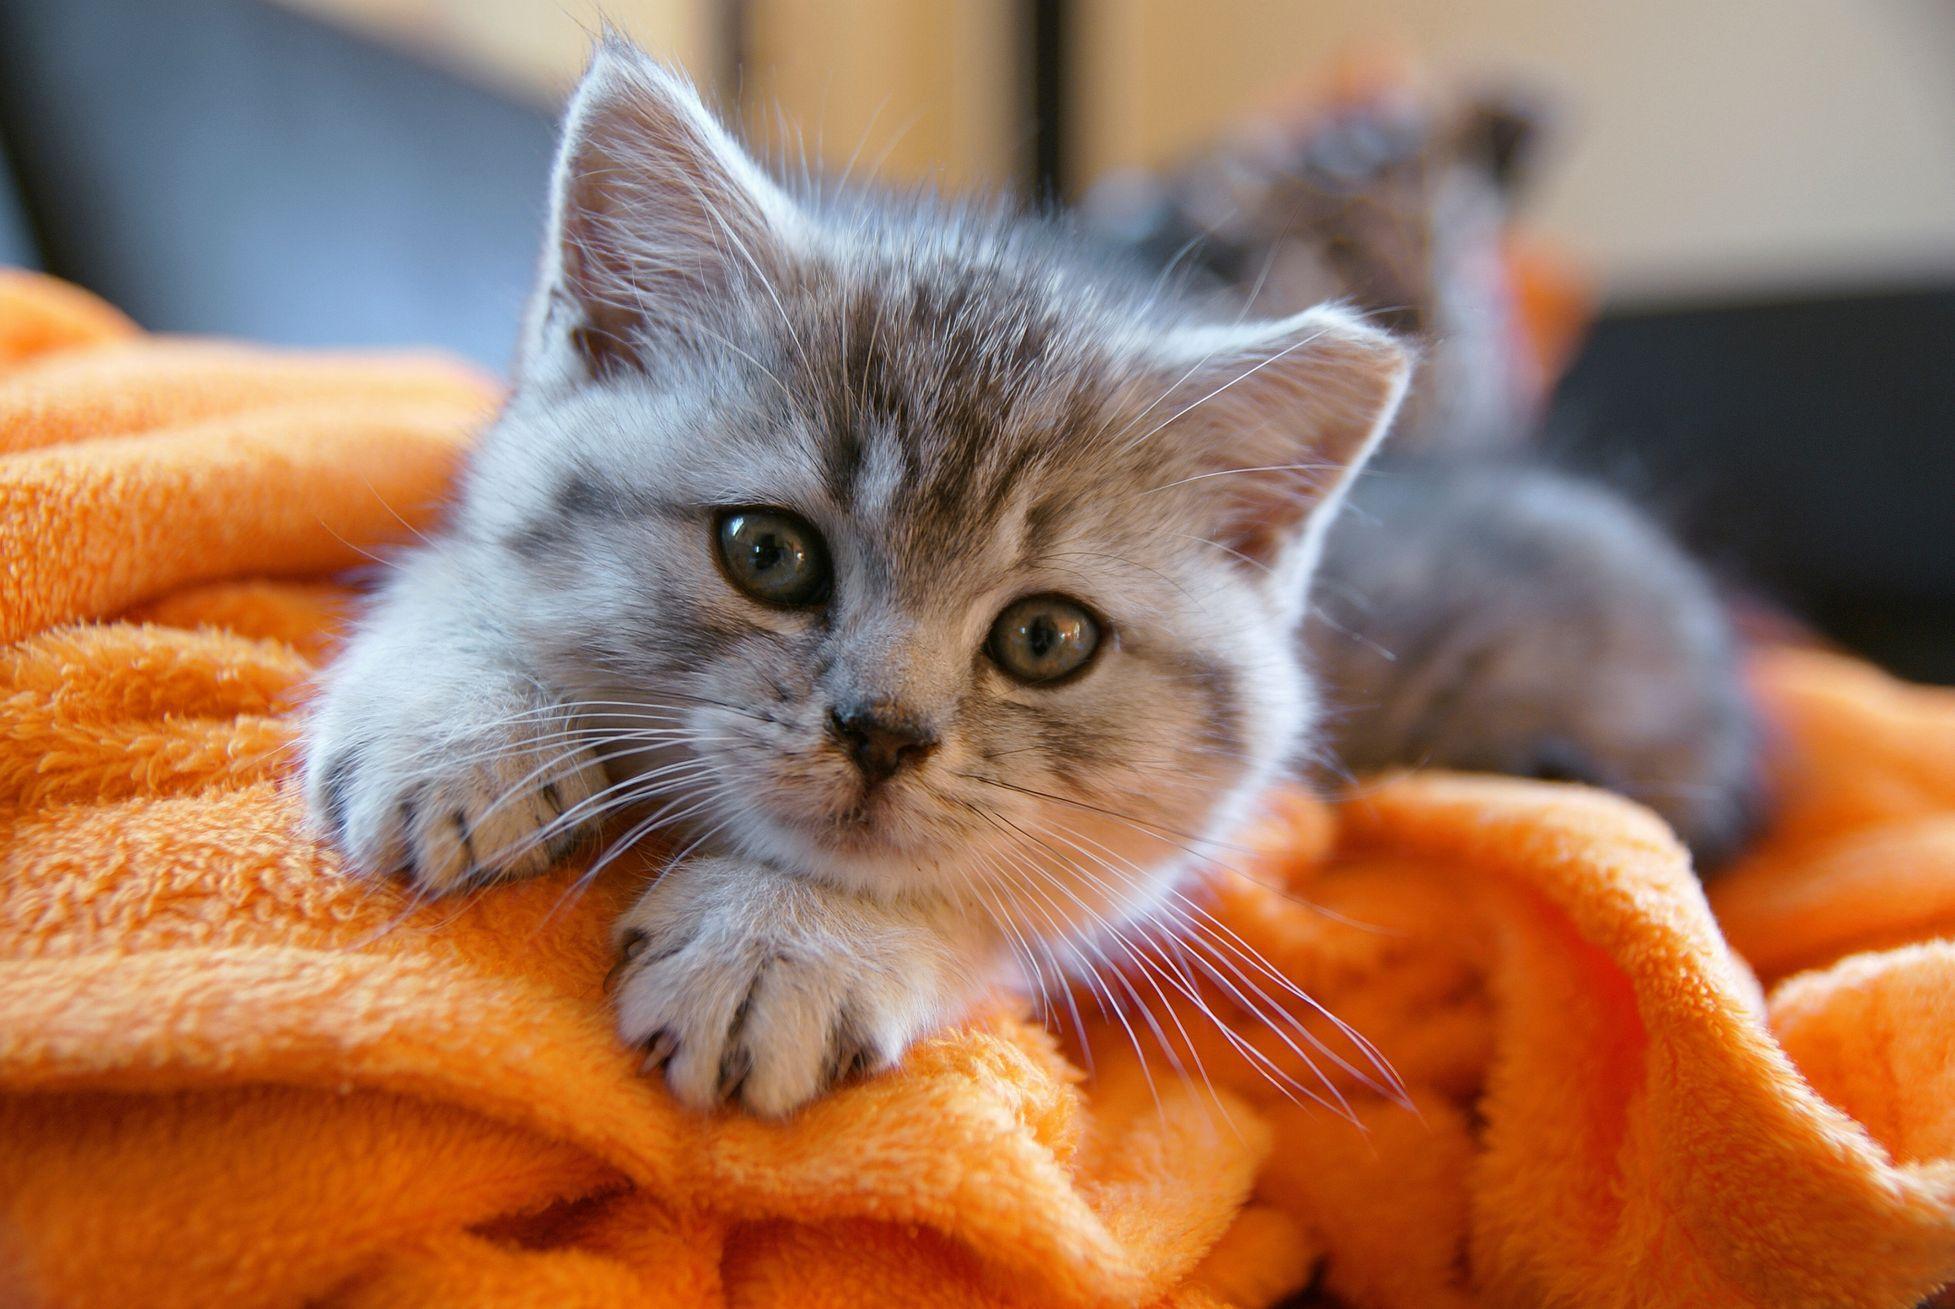 Perská kočka činčila je jednou z prvních záměrně vyšlechtěných variet kočky perské.